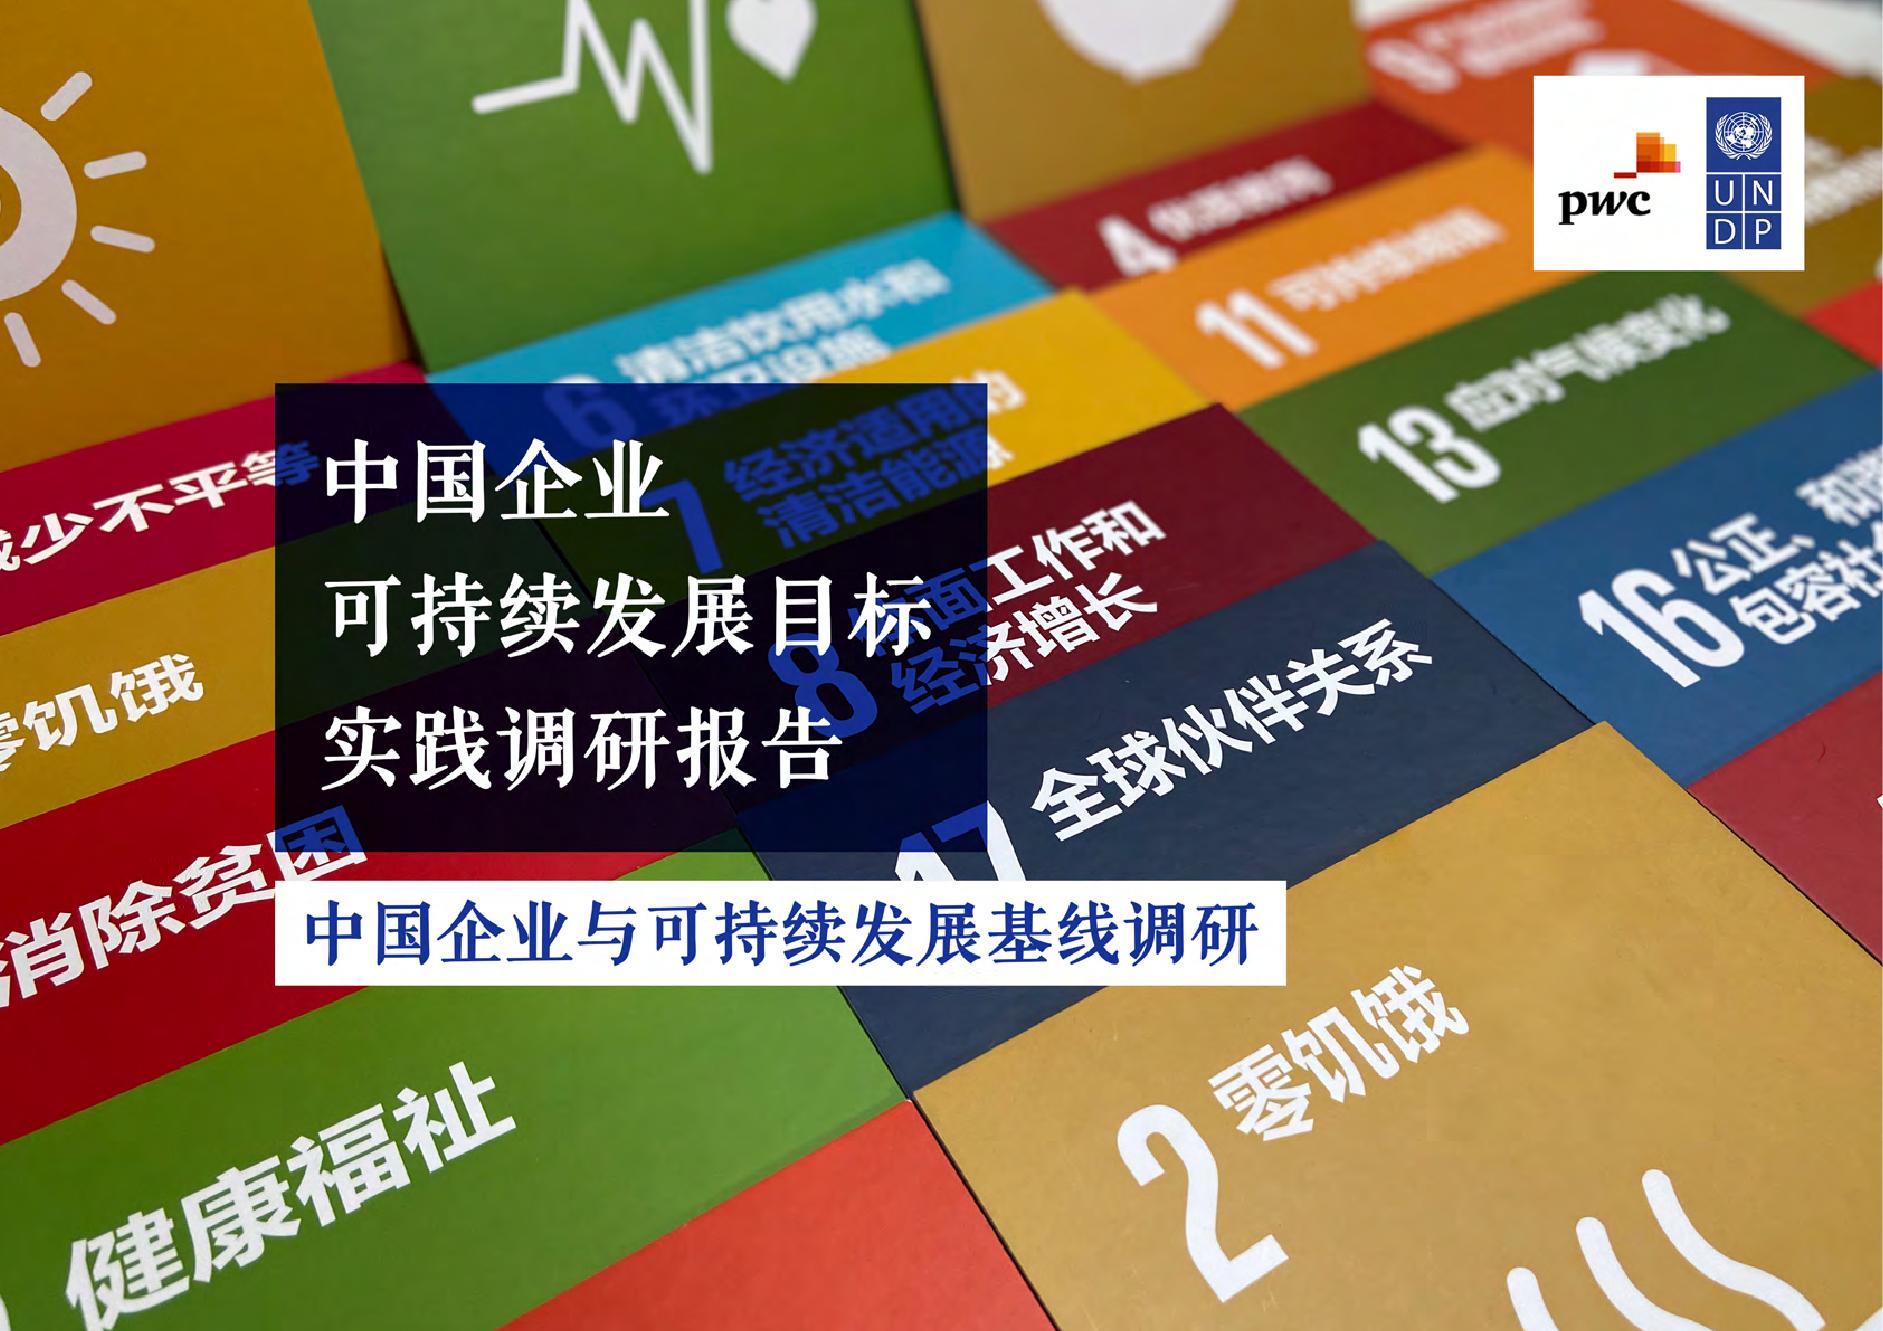 联合国开发计划署:中国企业可持续发展目标实践调研报告(附下载)